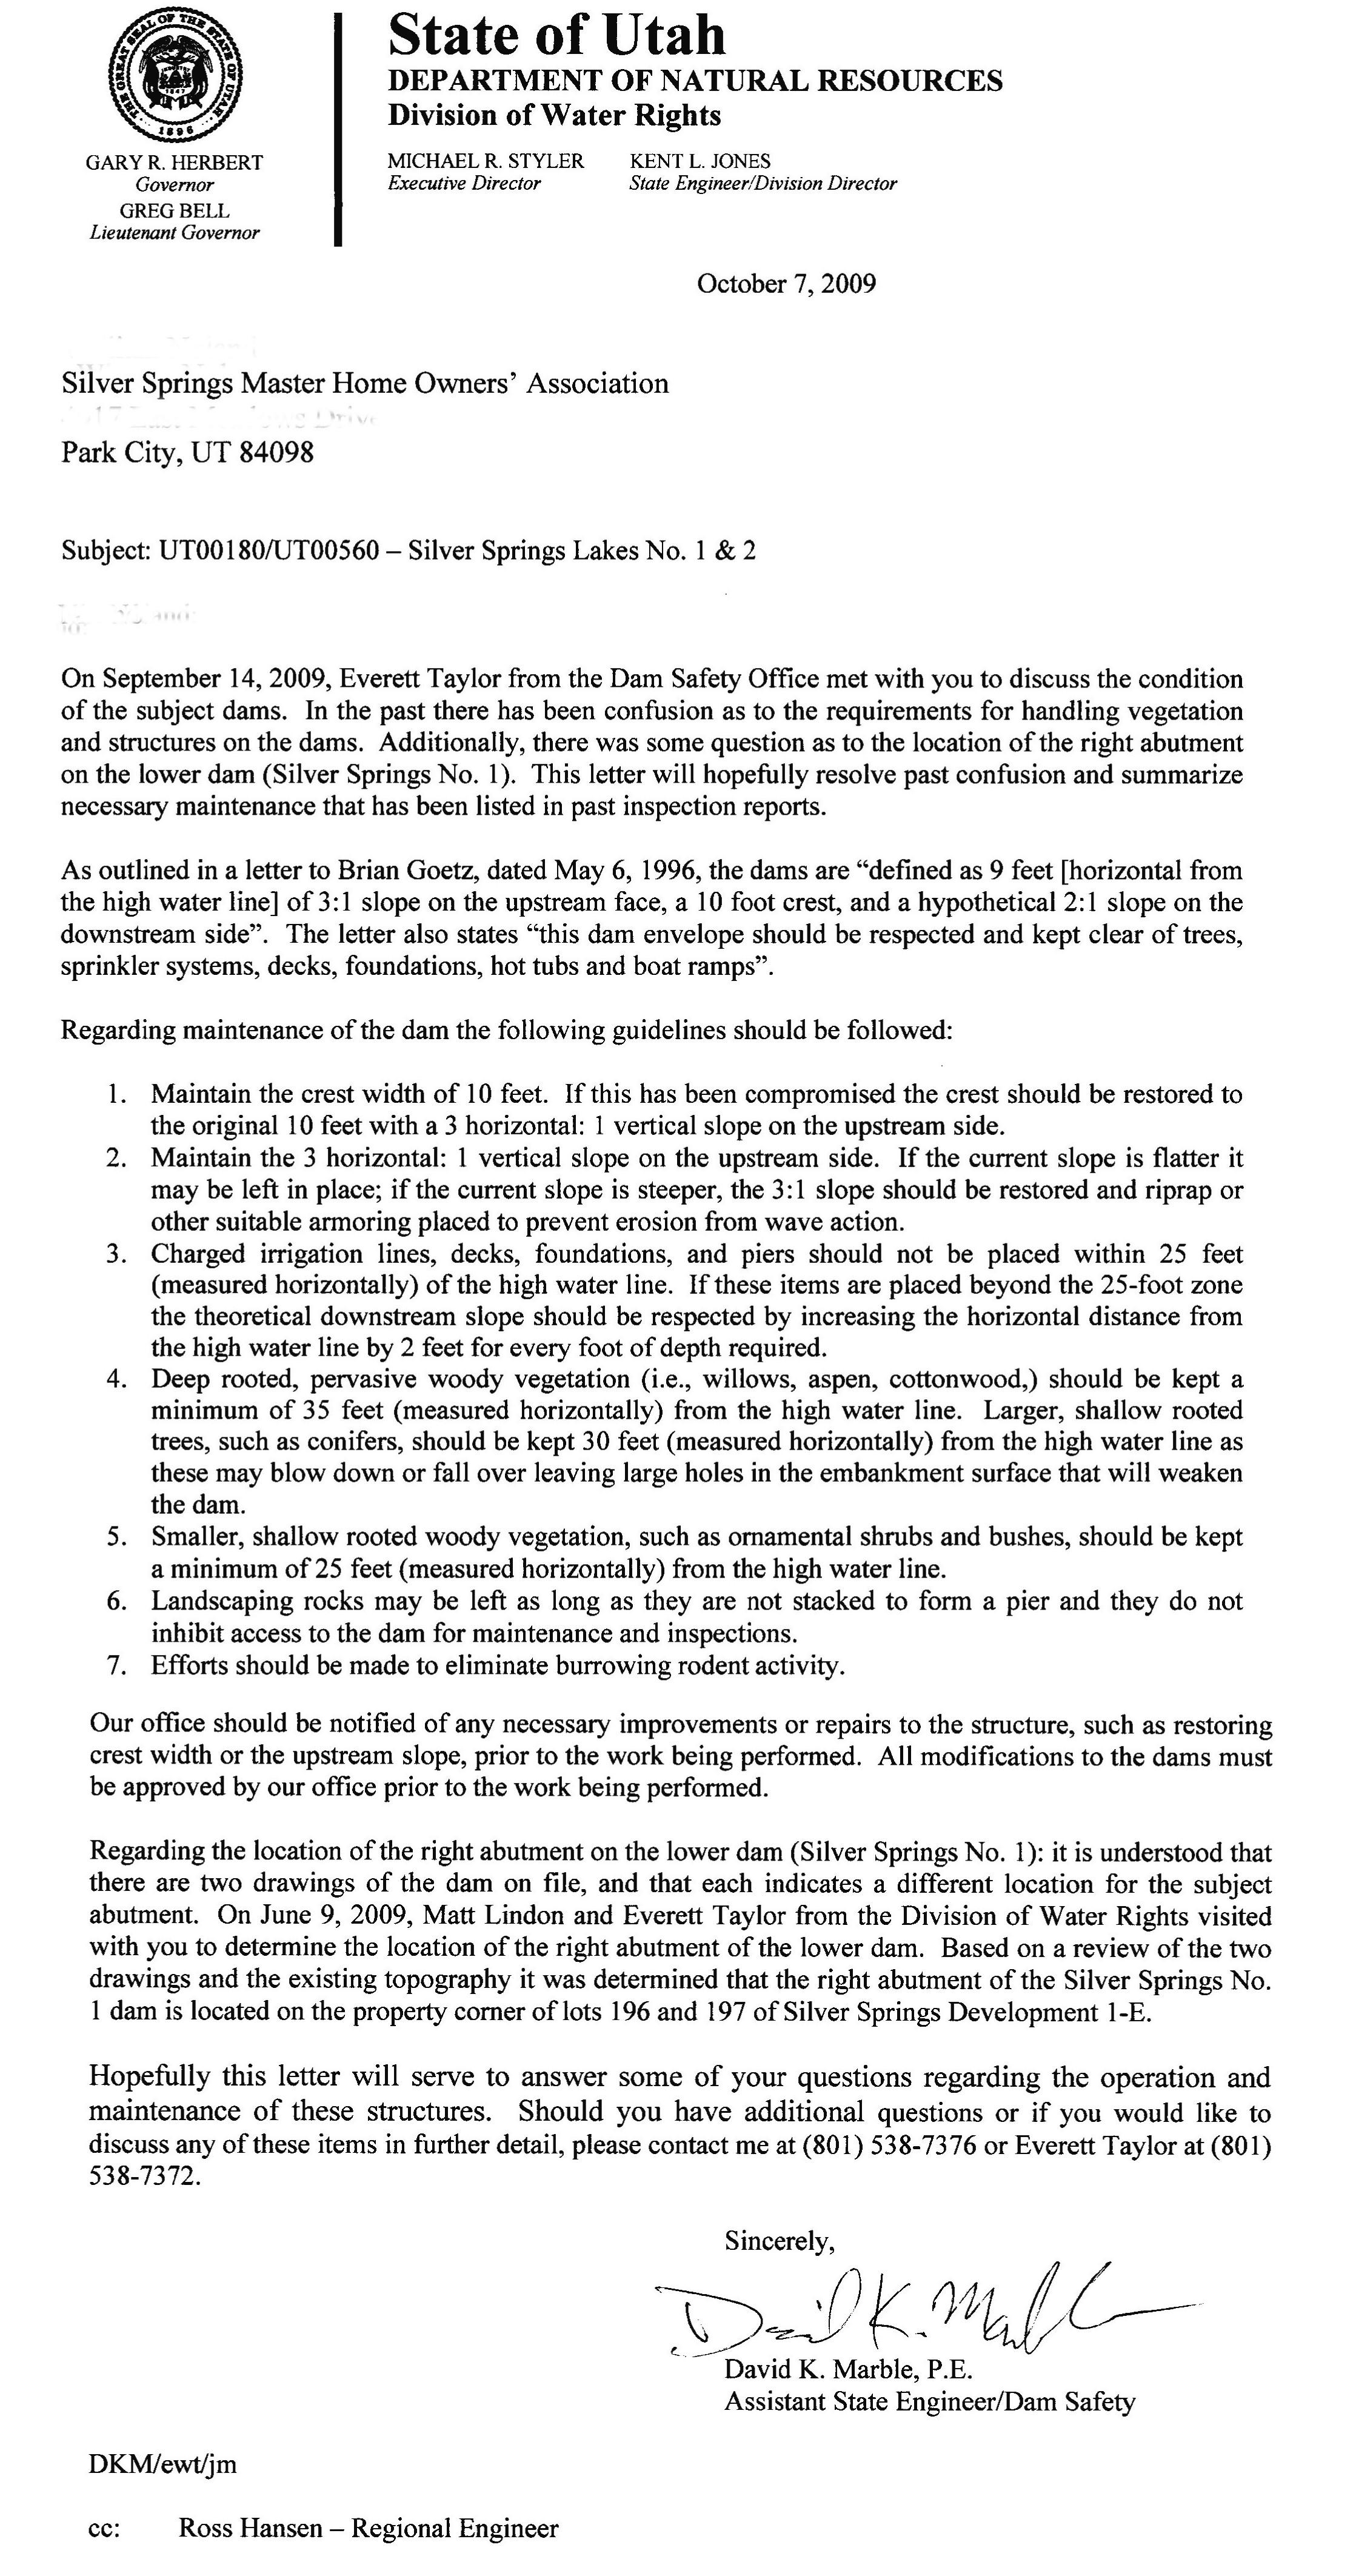 2009 - Oct 7 Div. Water Rights Letter regarding SS dams